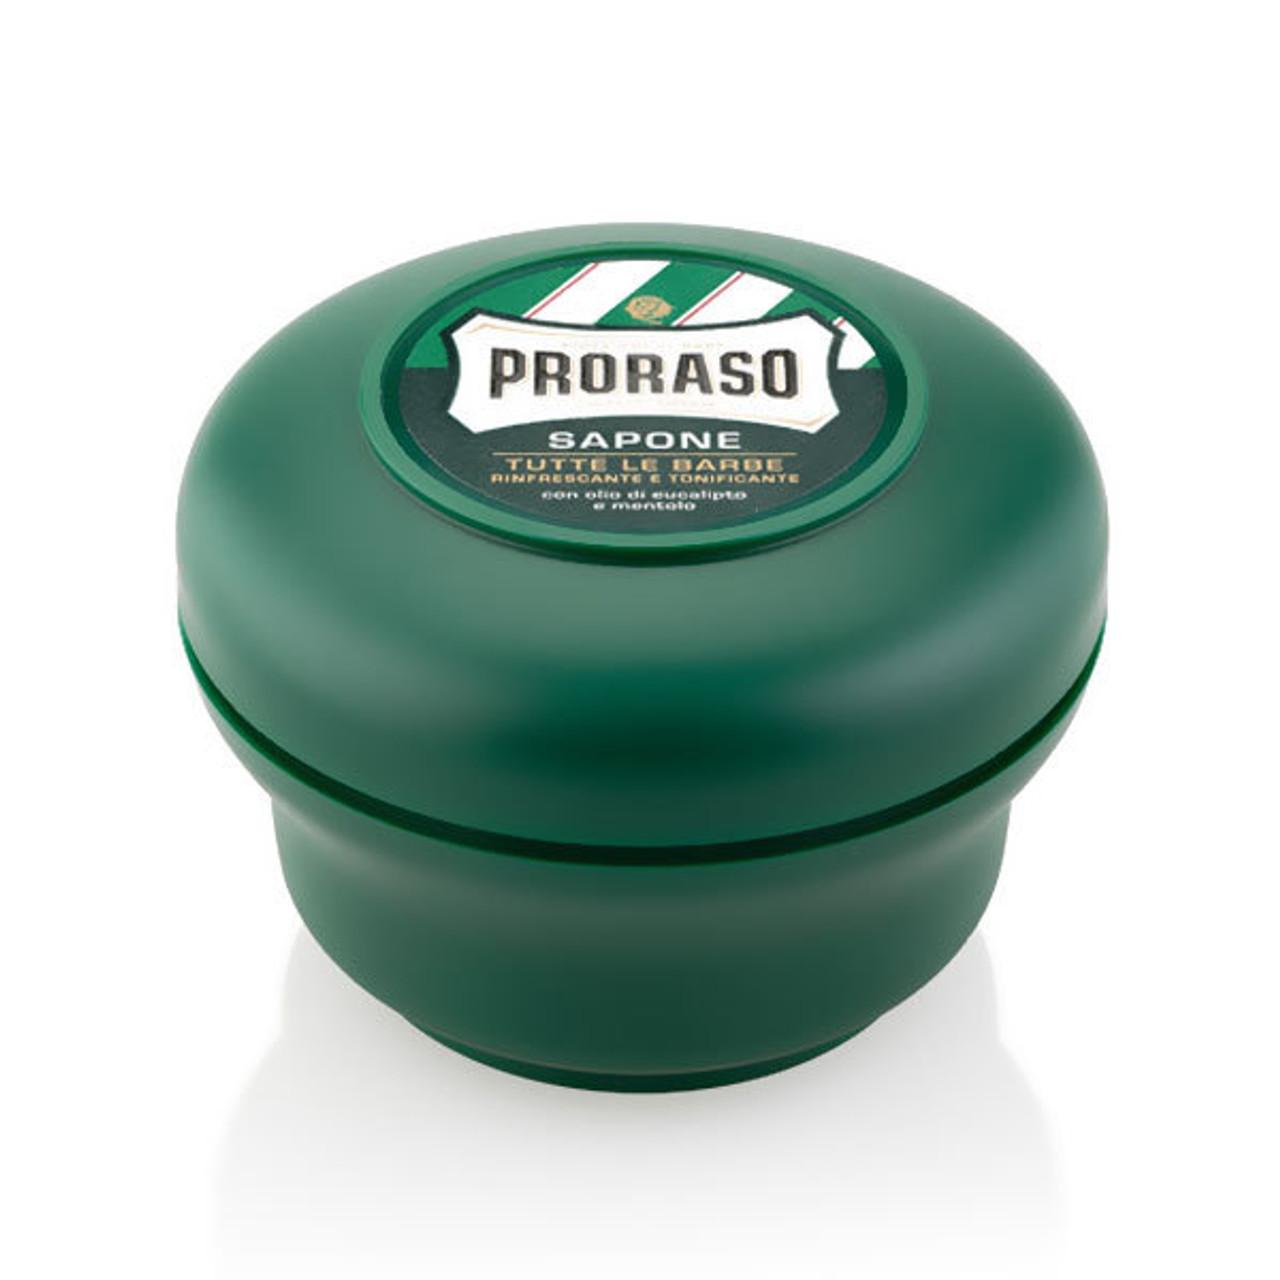 Proraso Green Tub Shave Soap